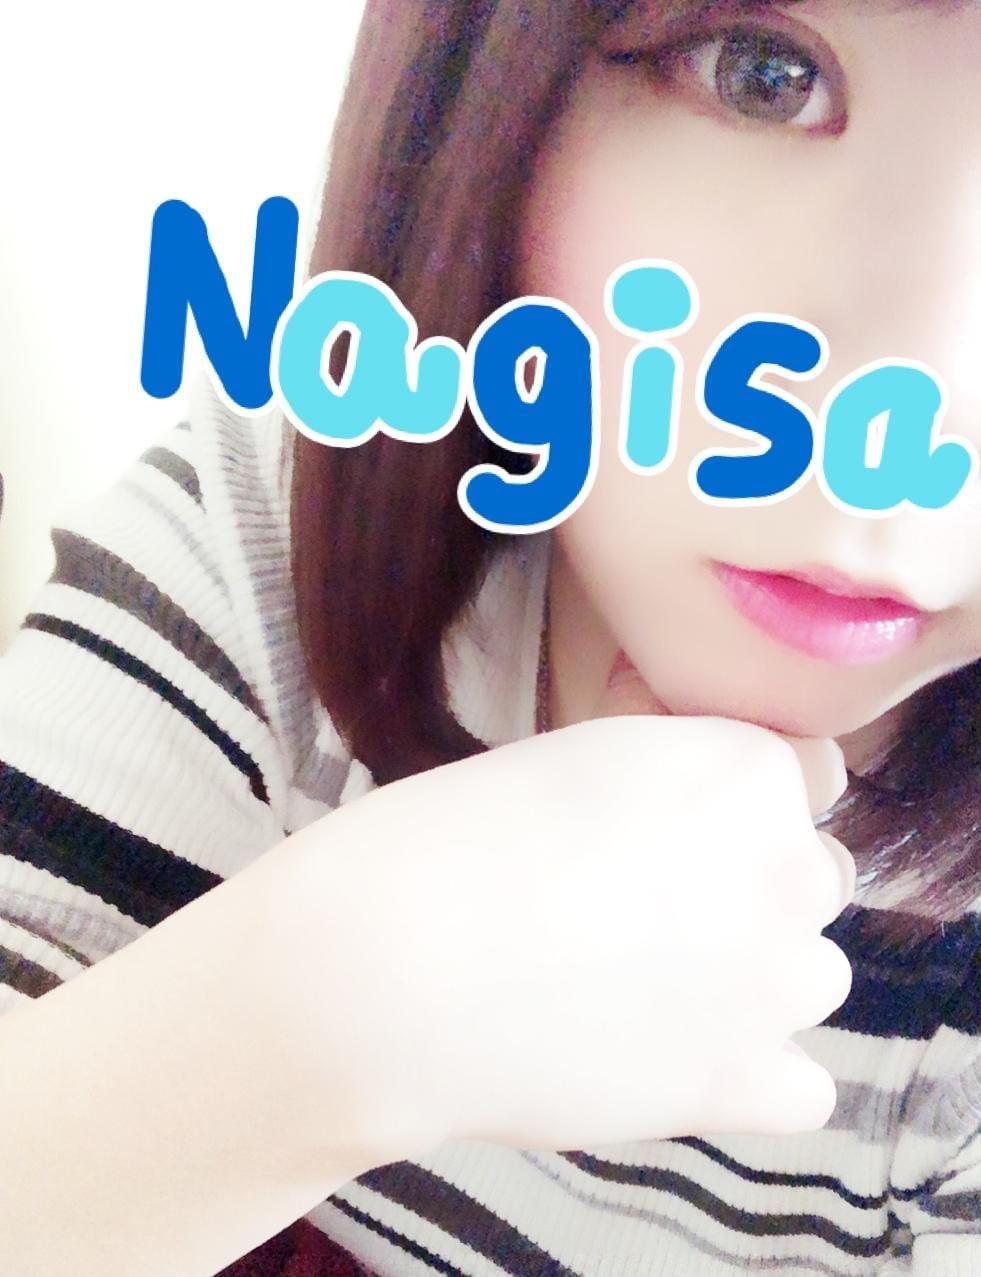 「りんりんるんるん( * ॑꒳ ॑* )!」01/22(火) 12:53   なぎさちゃんの写メ・風俗動画